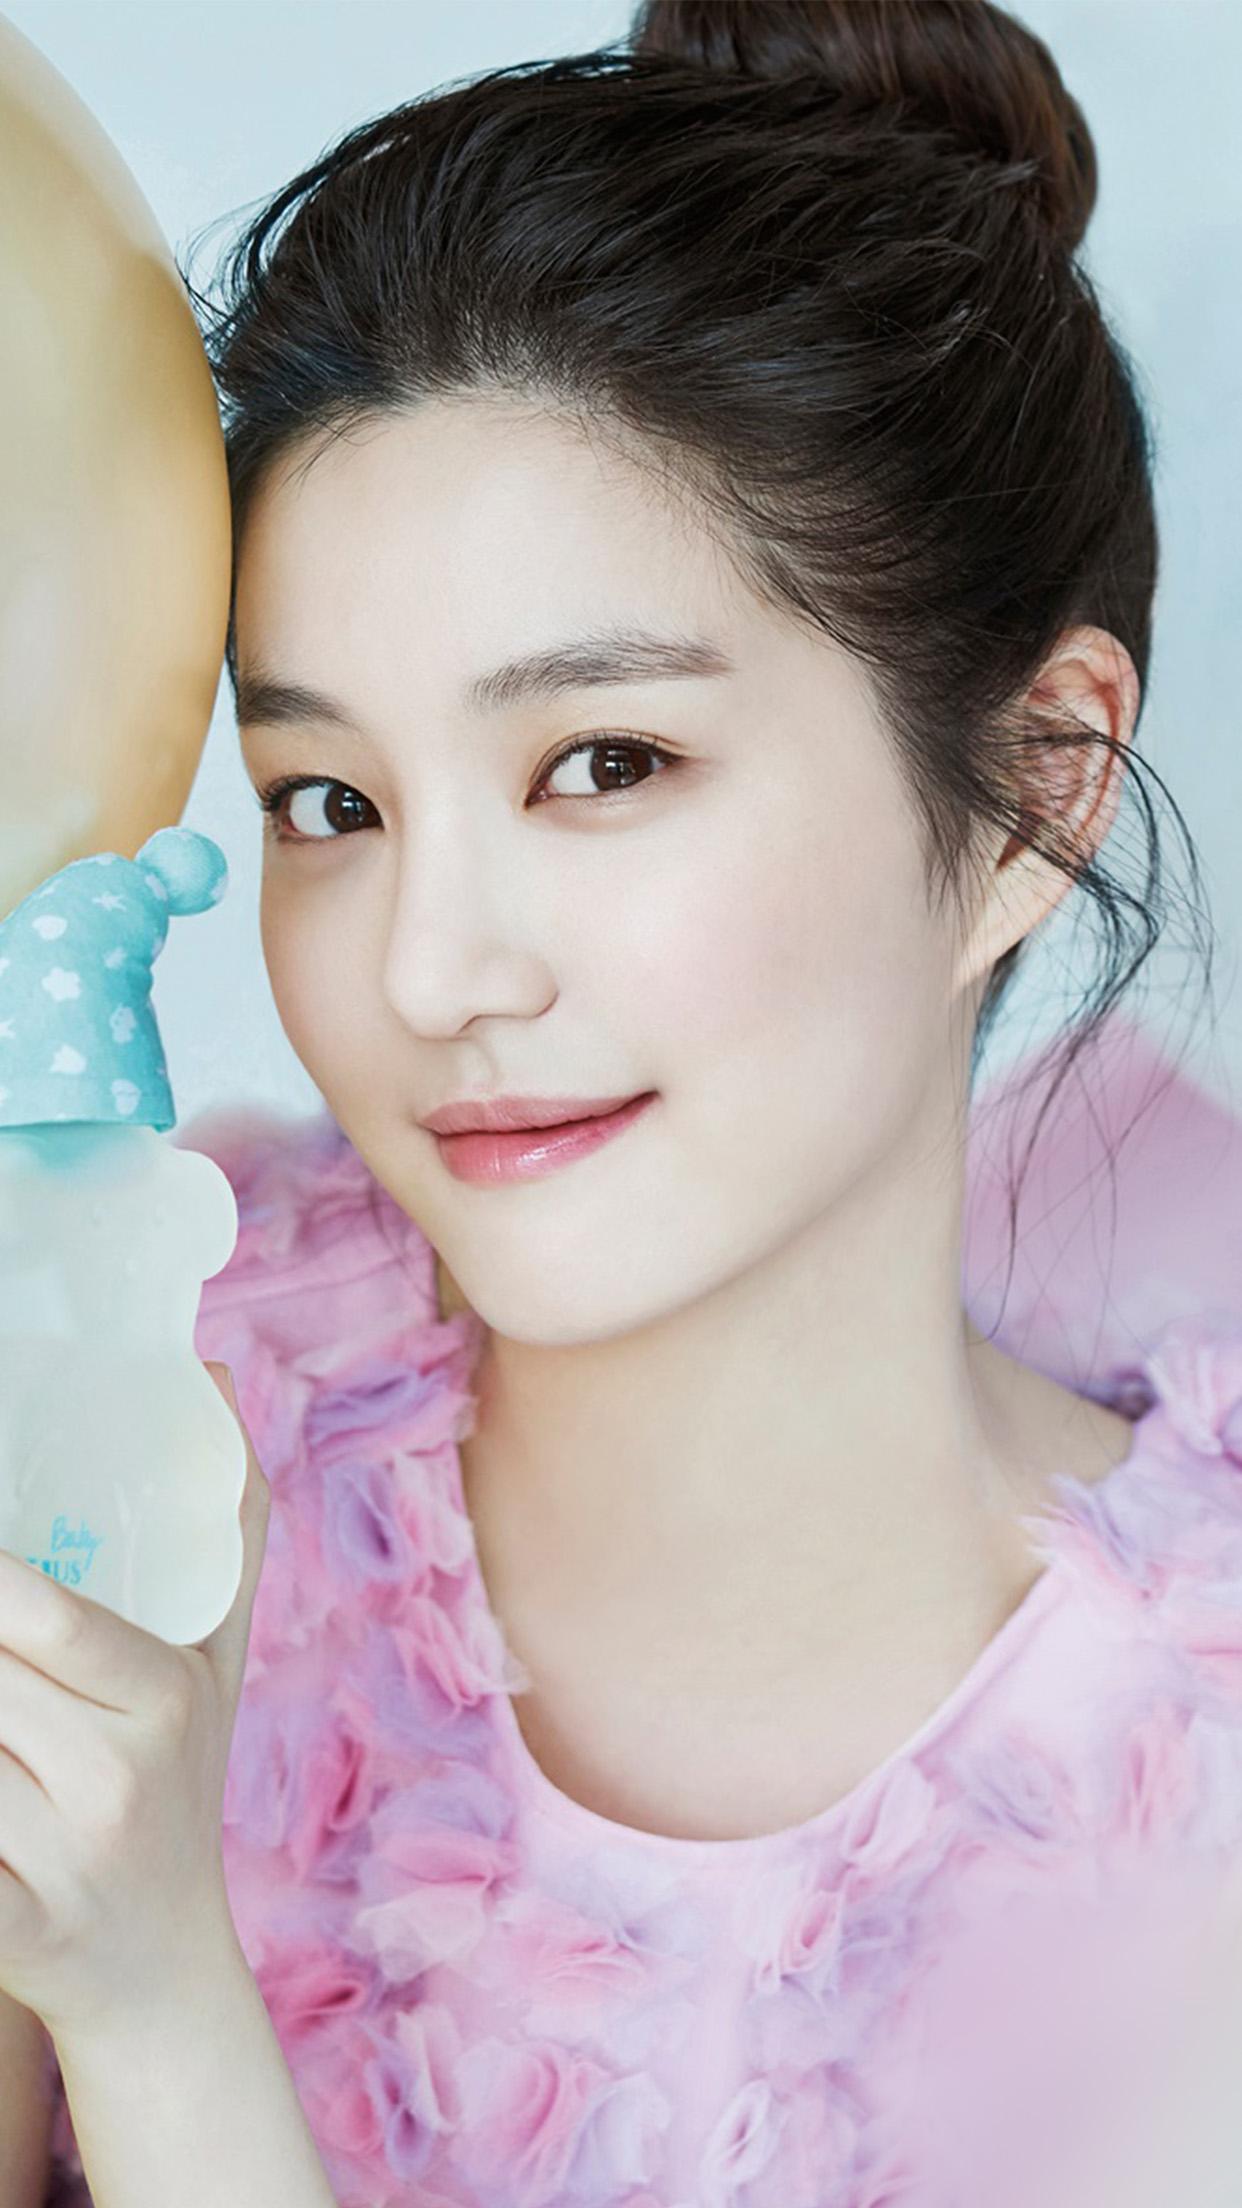 Hl75 Kpop Girl White Cute Wallpaper